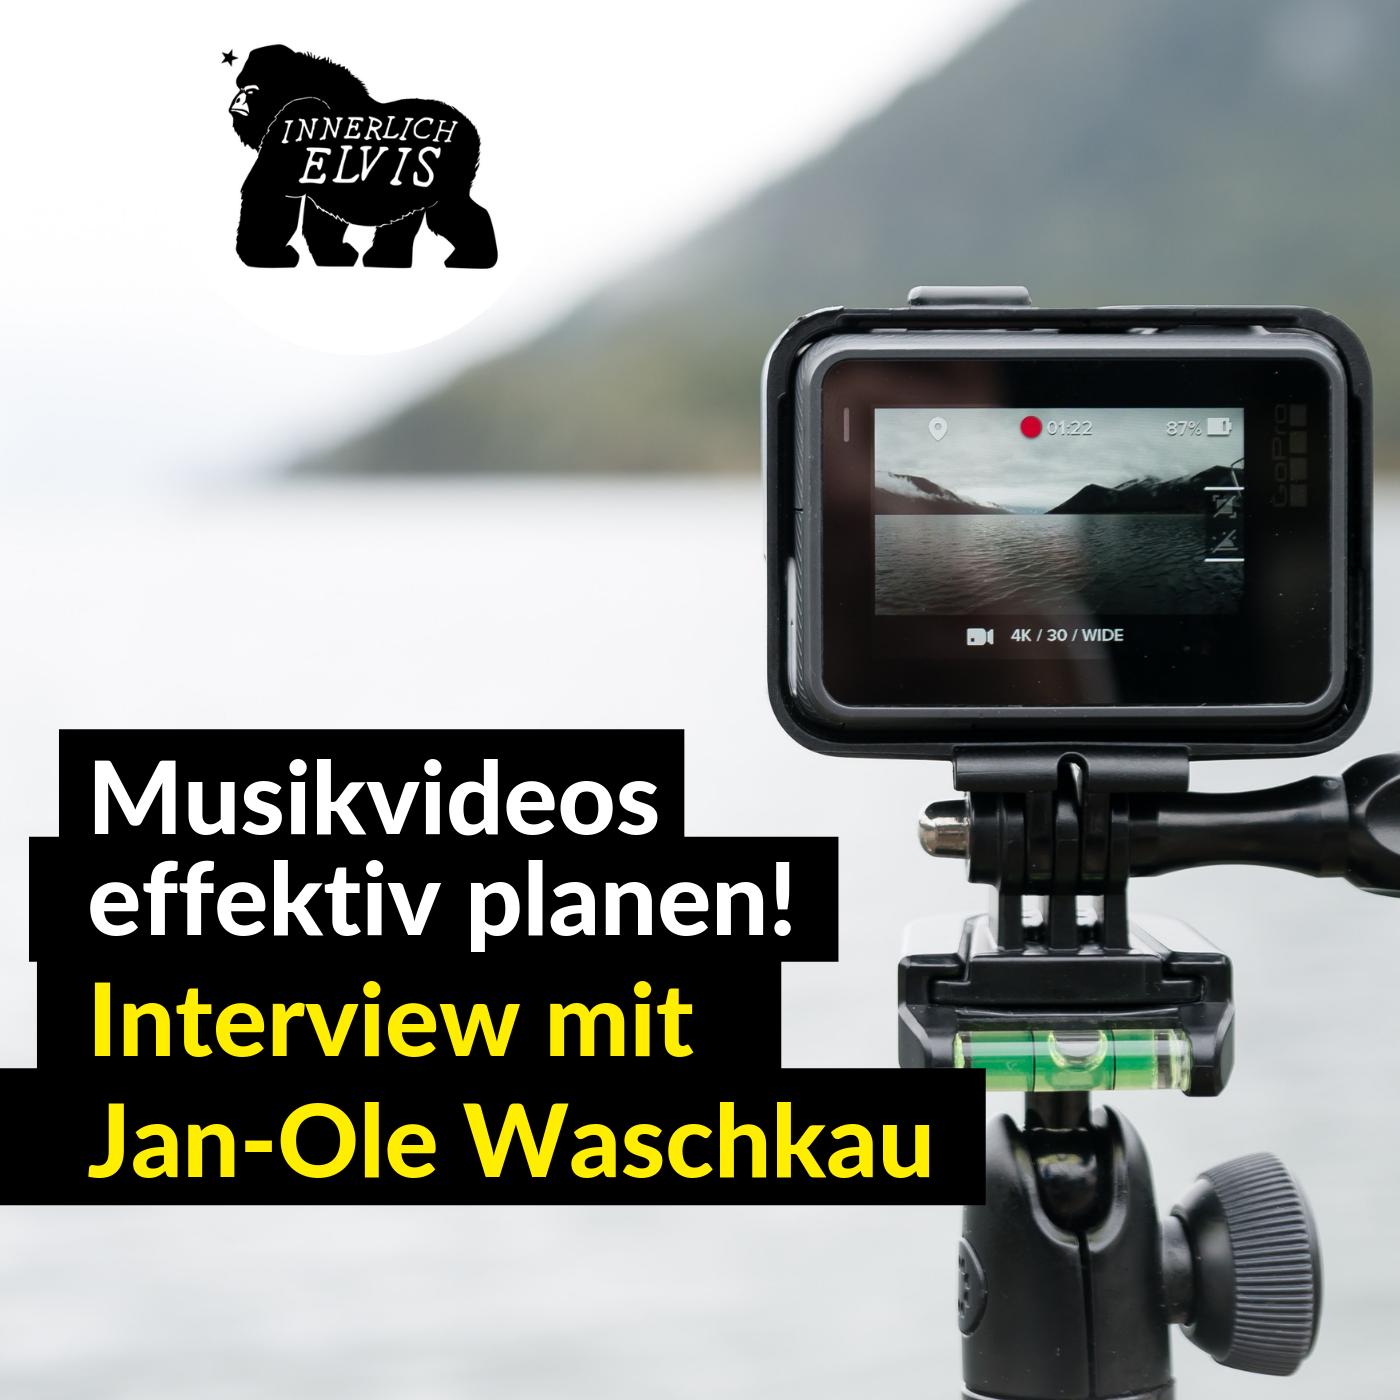 Musikvideos effektiv planen - Interview mit Jan-Ole Waschkau, Teil 1